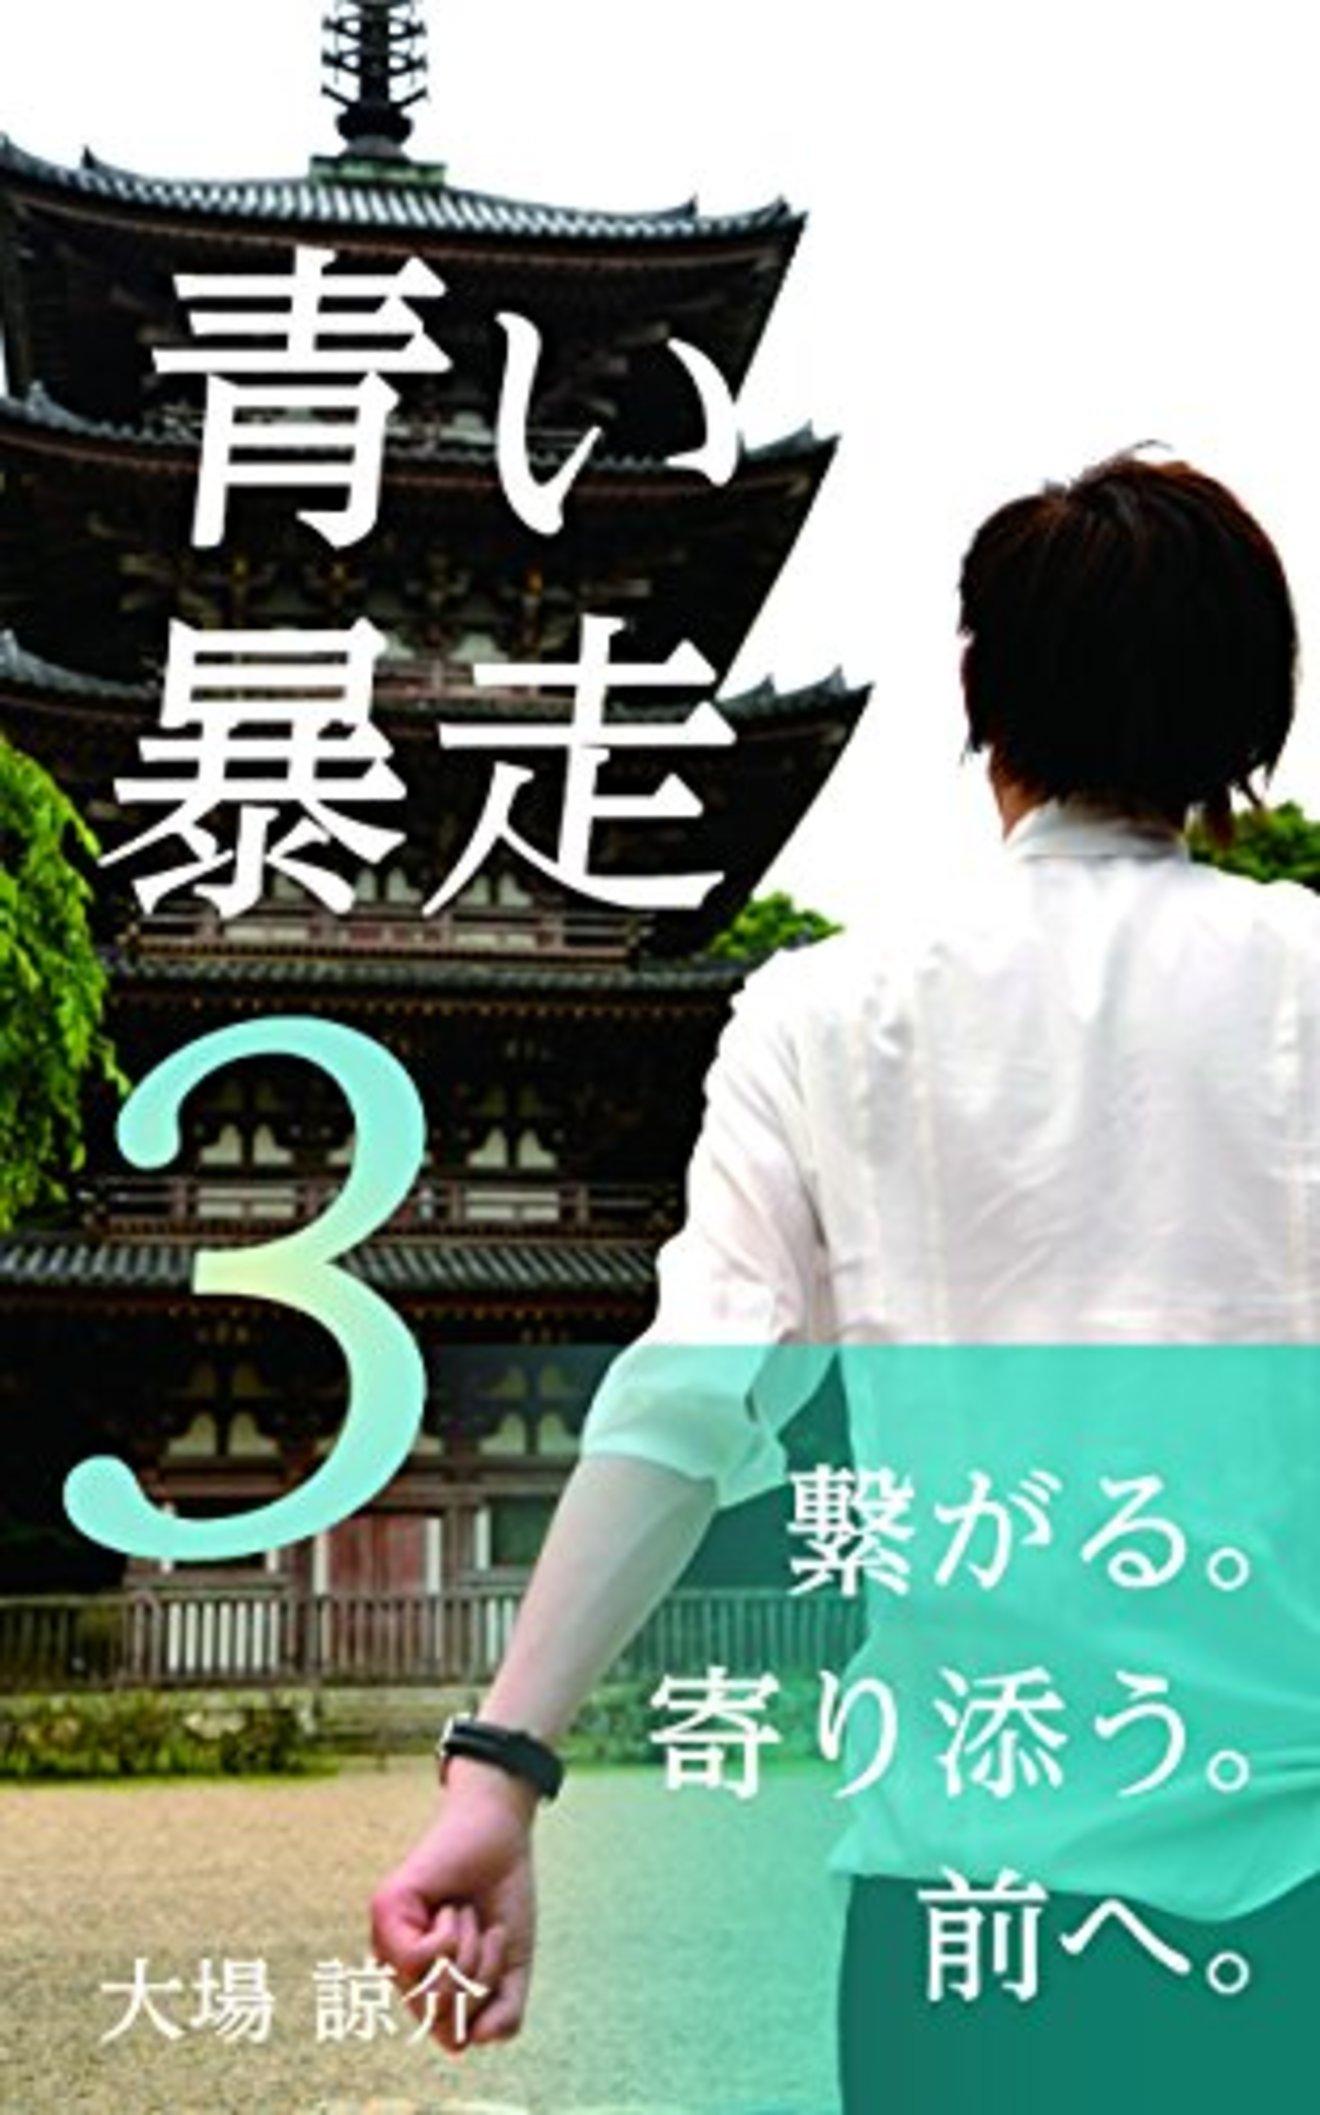 【連載小説】「ロマンティックが終わる時」第29話【毎朝6時更新】